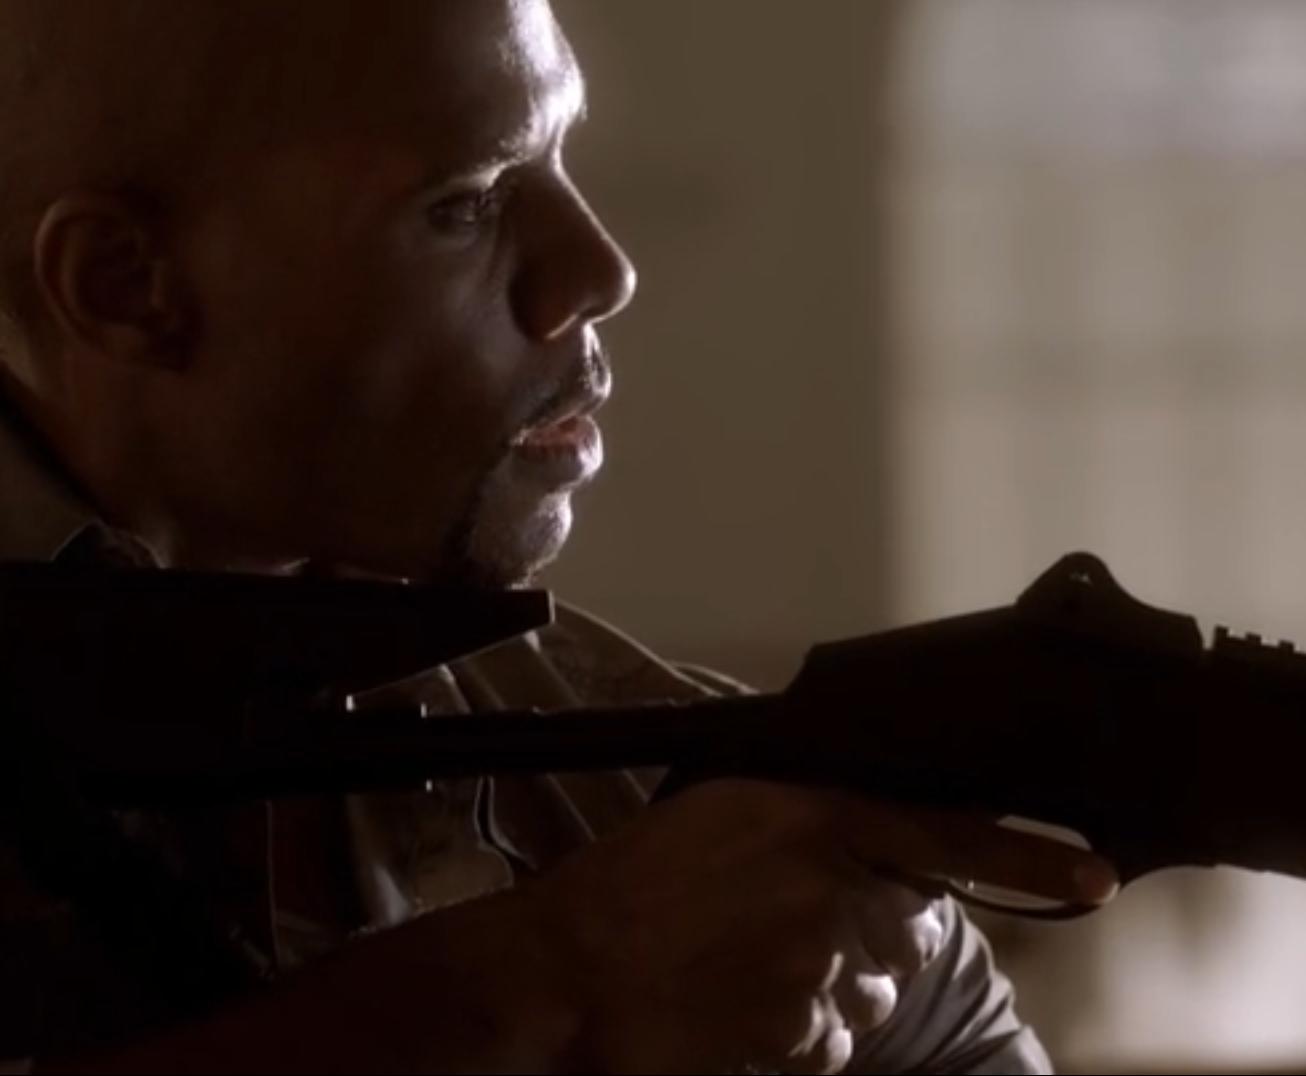 The Vampire diaries S04E02 - Vampire hunter